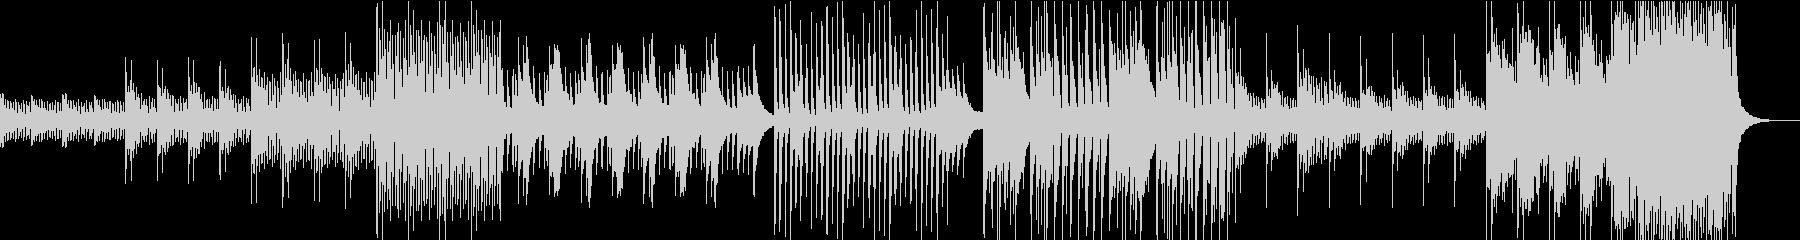 物語の始まりをイメージしたピアノインストの未再生の波形